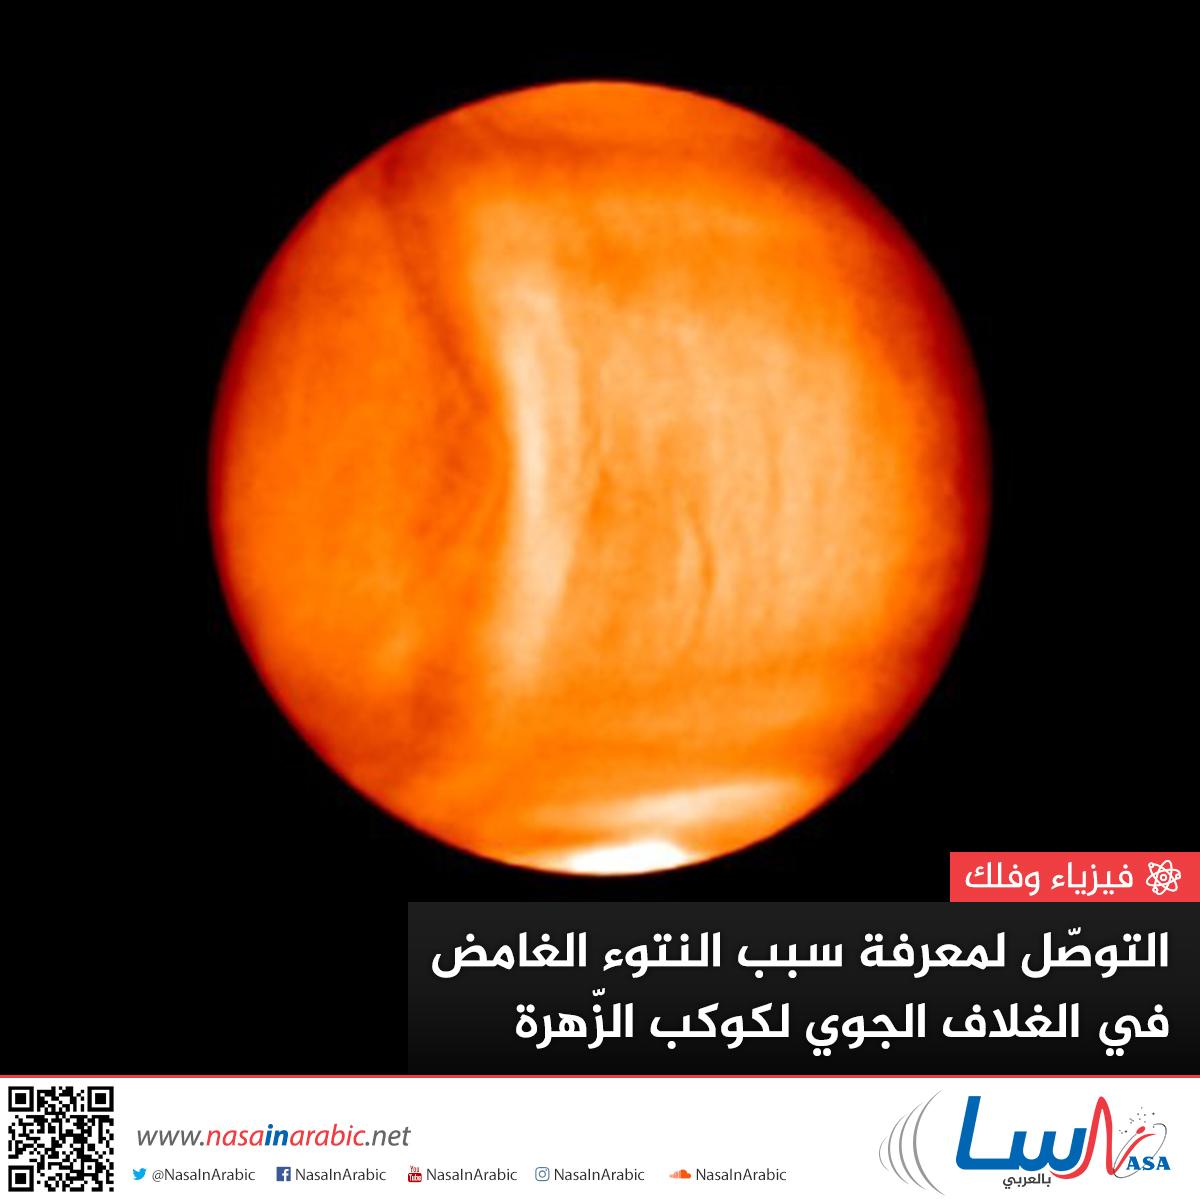 التوصل لمعرفة سبب النتوء الغامض في الغلاف الجوي لكوكب الزهرة